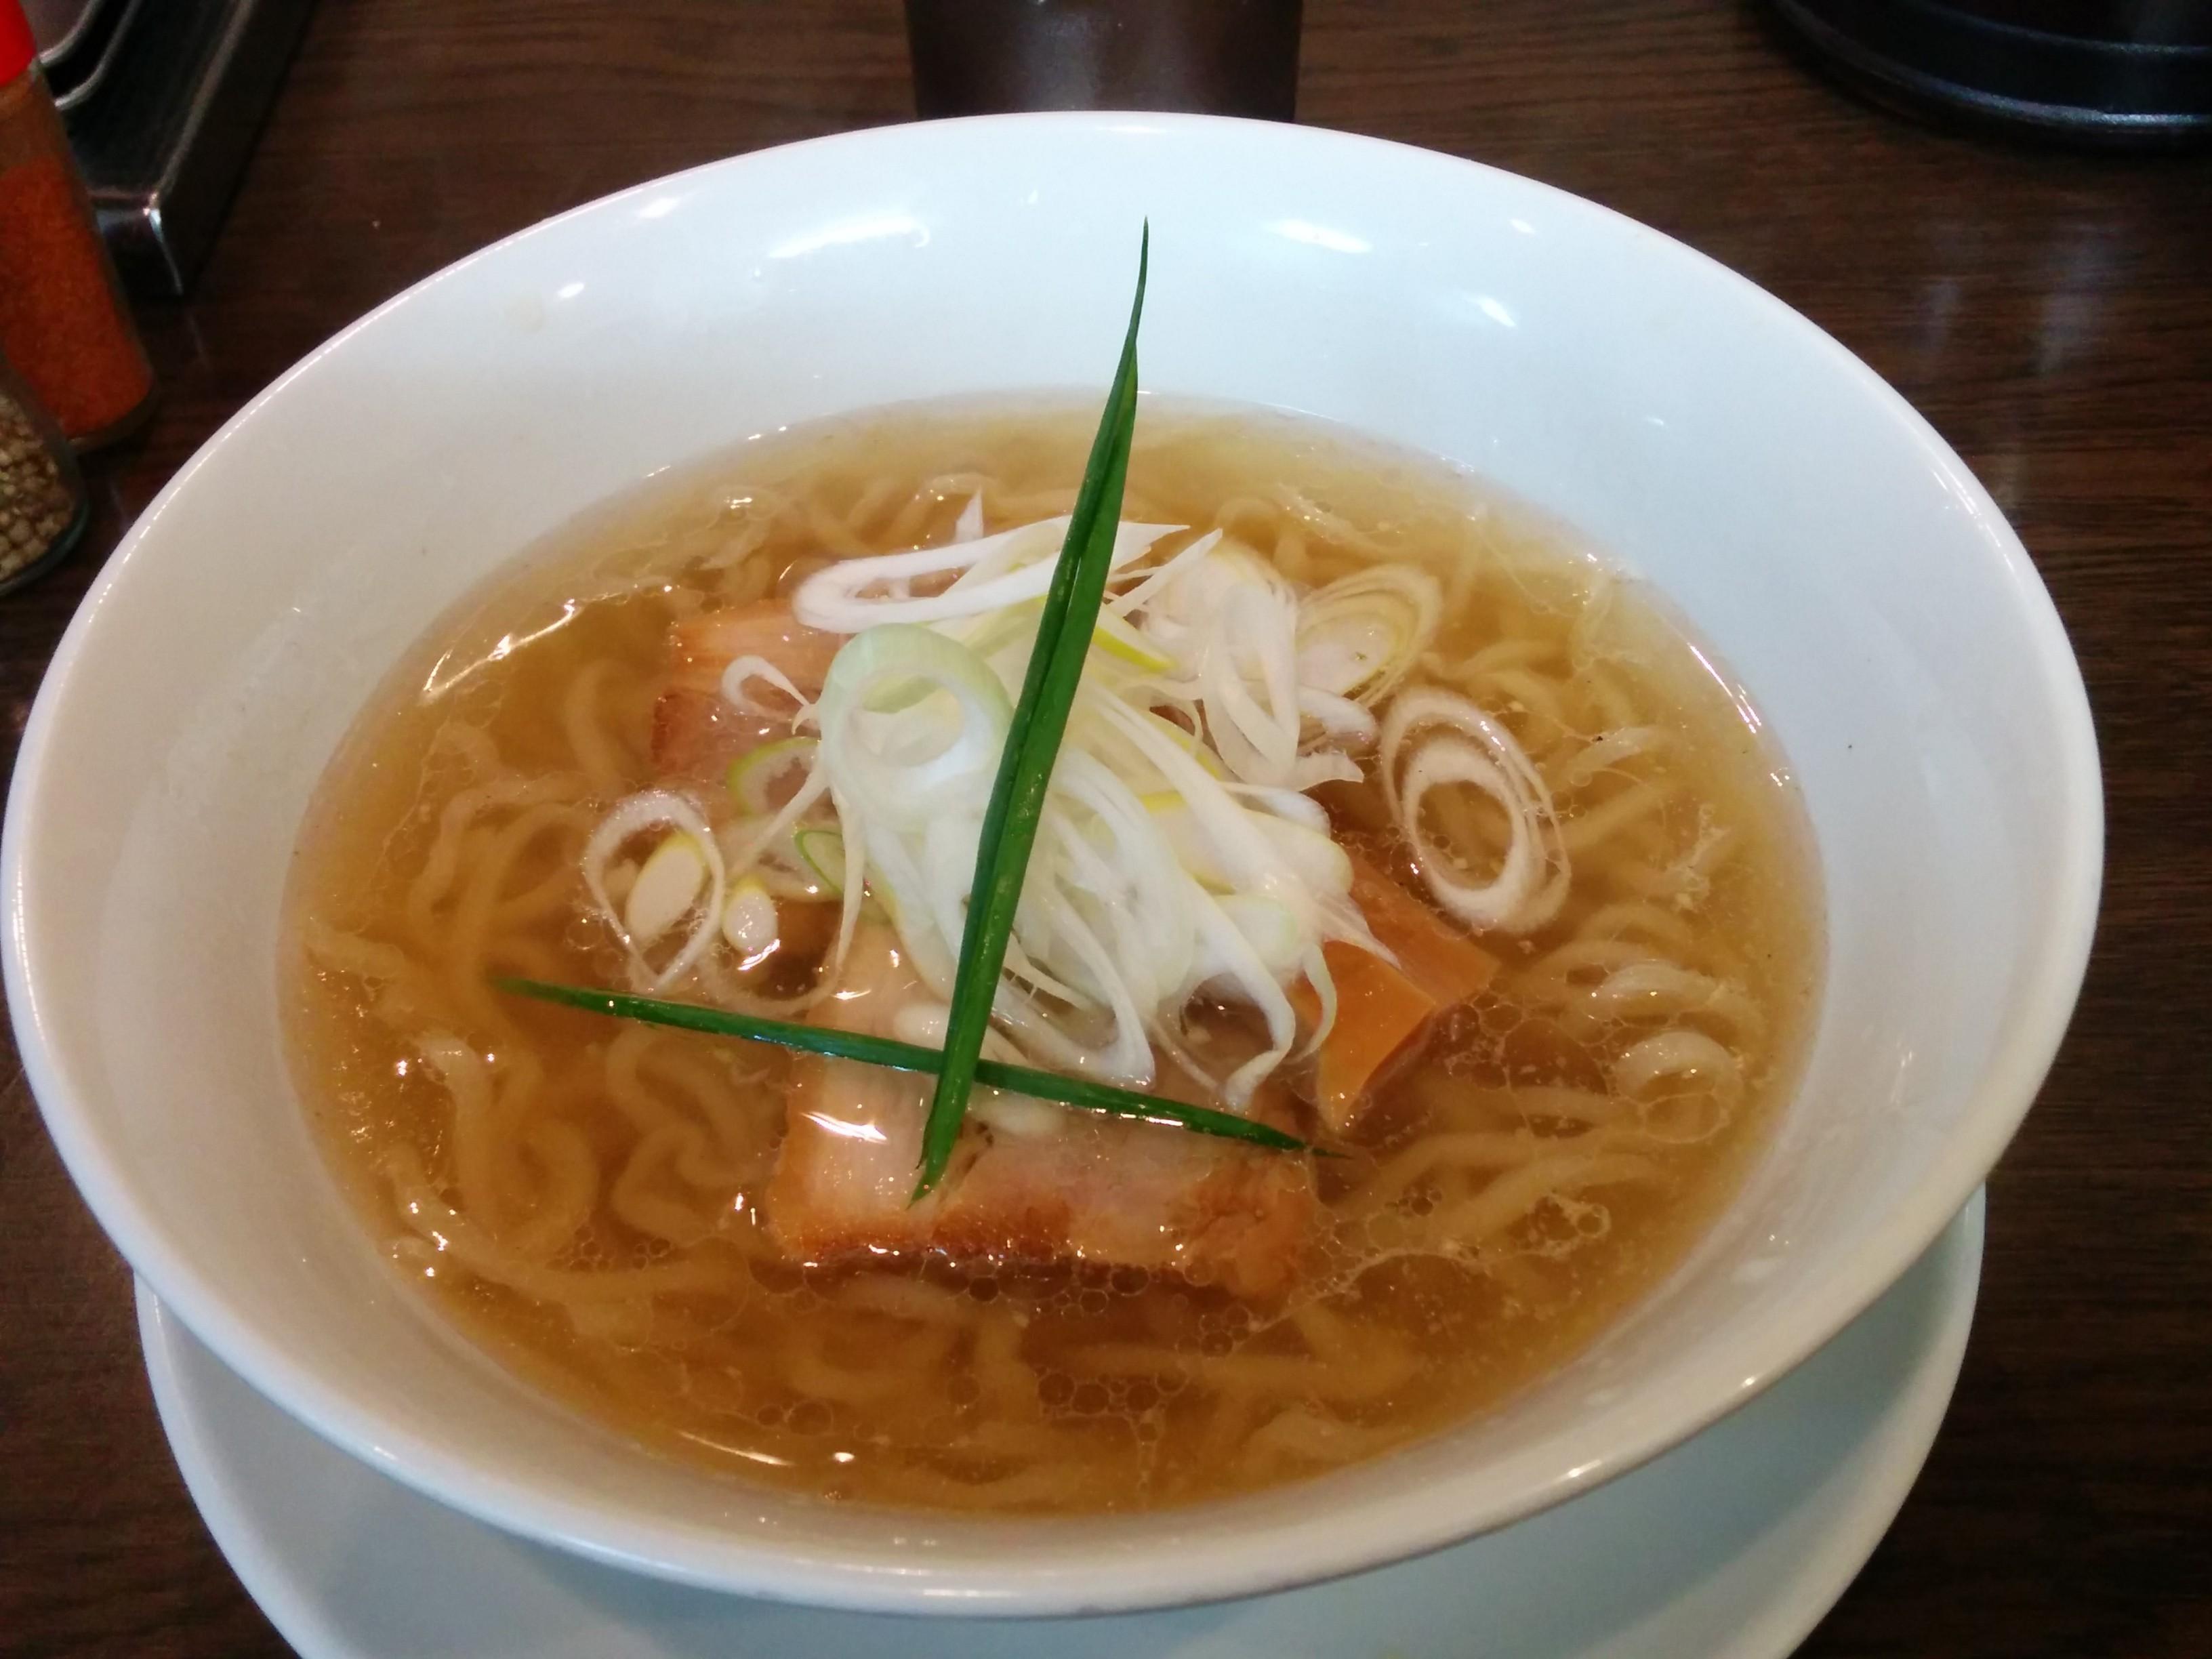 手打ち麺 やす田(新大阪)塩ラーメン